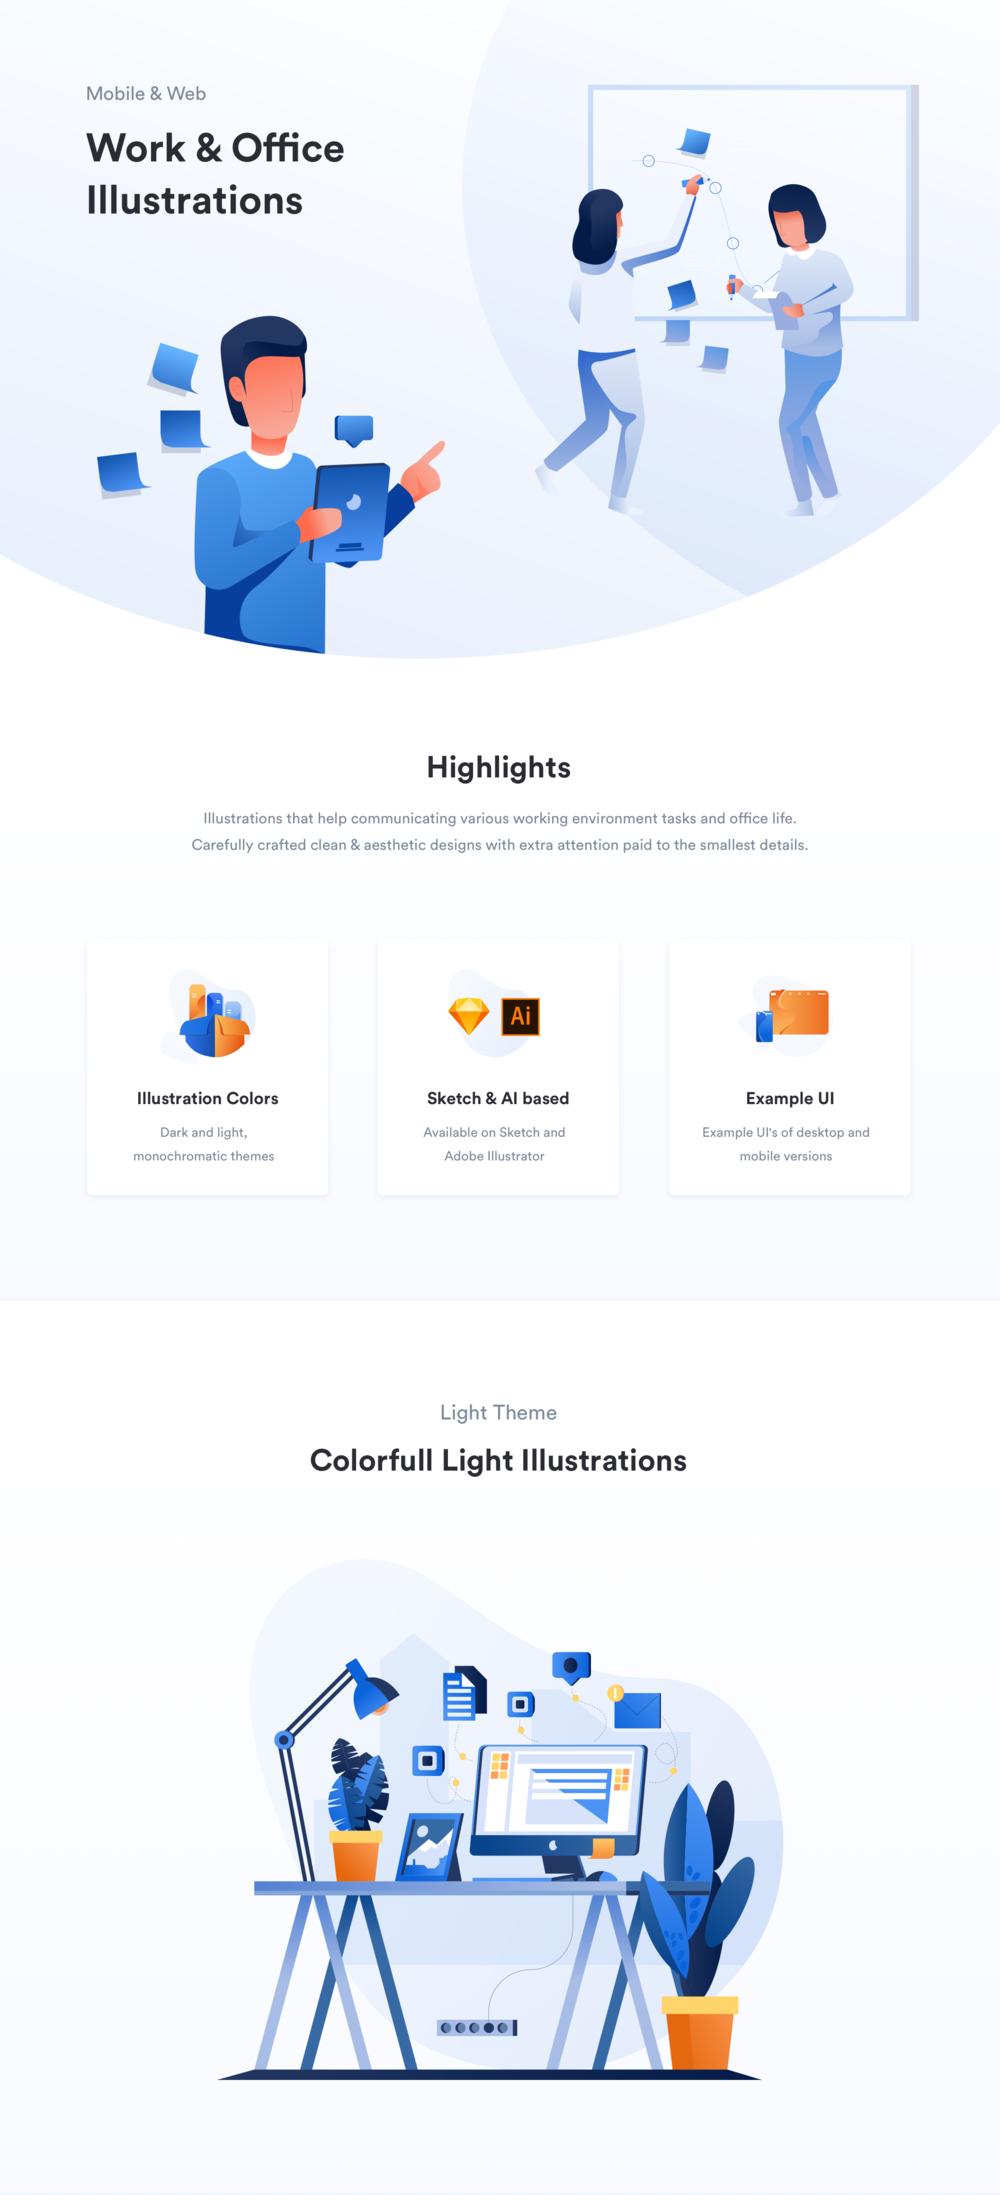 移动版网页版工作和办公室插图包 UI界面-第7张